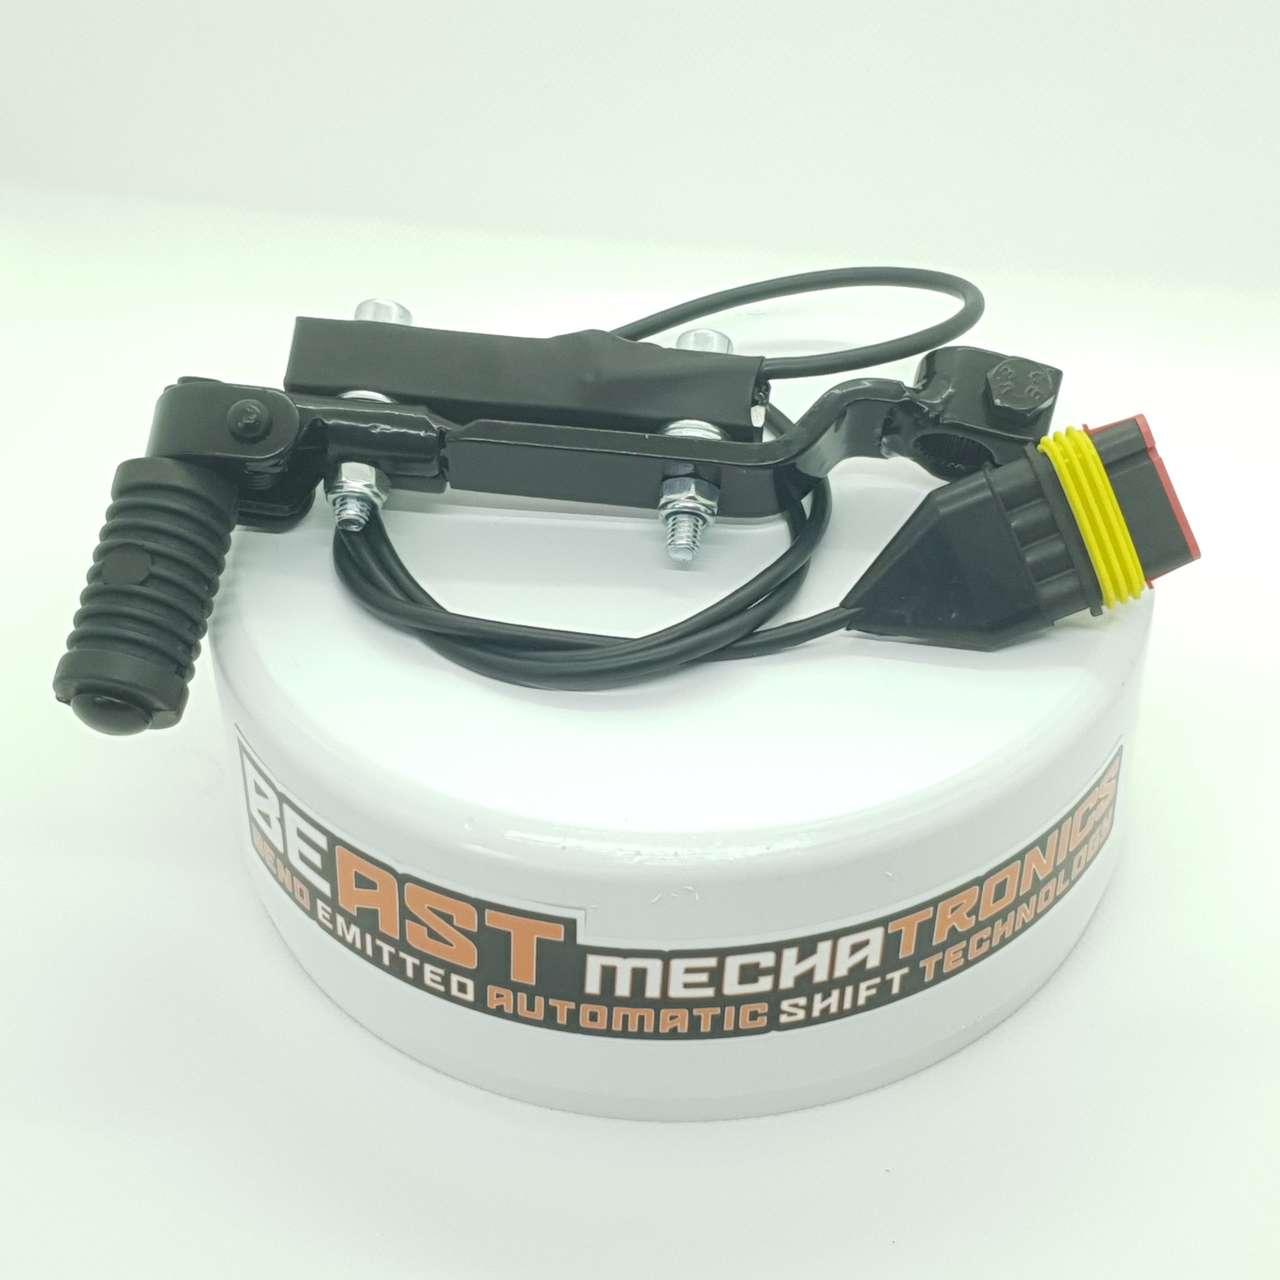 Der Schalthebel eines Pitbikes mit montiertem Biege-Sensor.